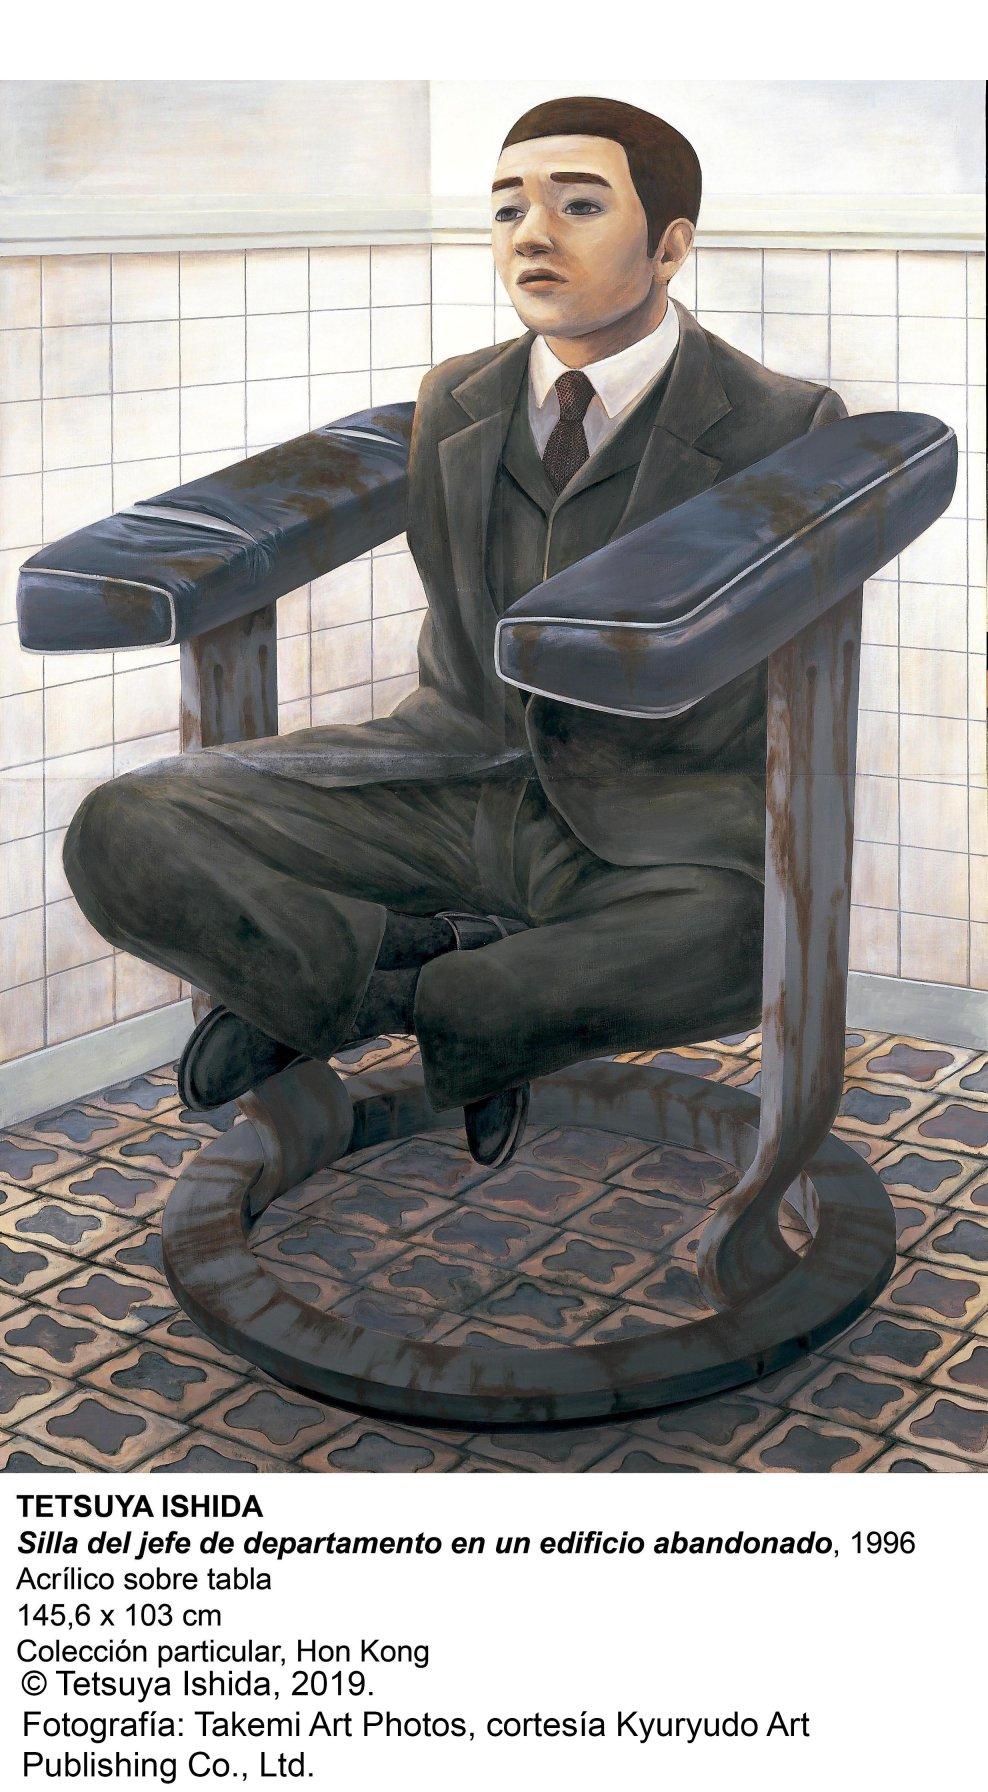 Silla del jefe de departamento en un edificio abandonado (1996) - Tetsuya Ishida